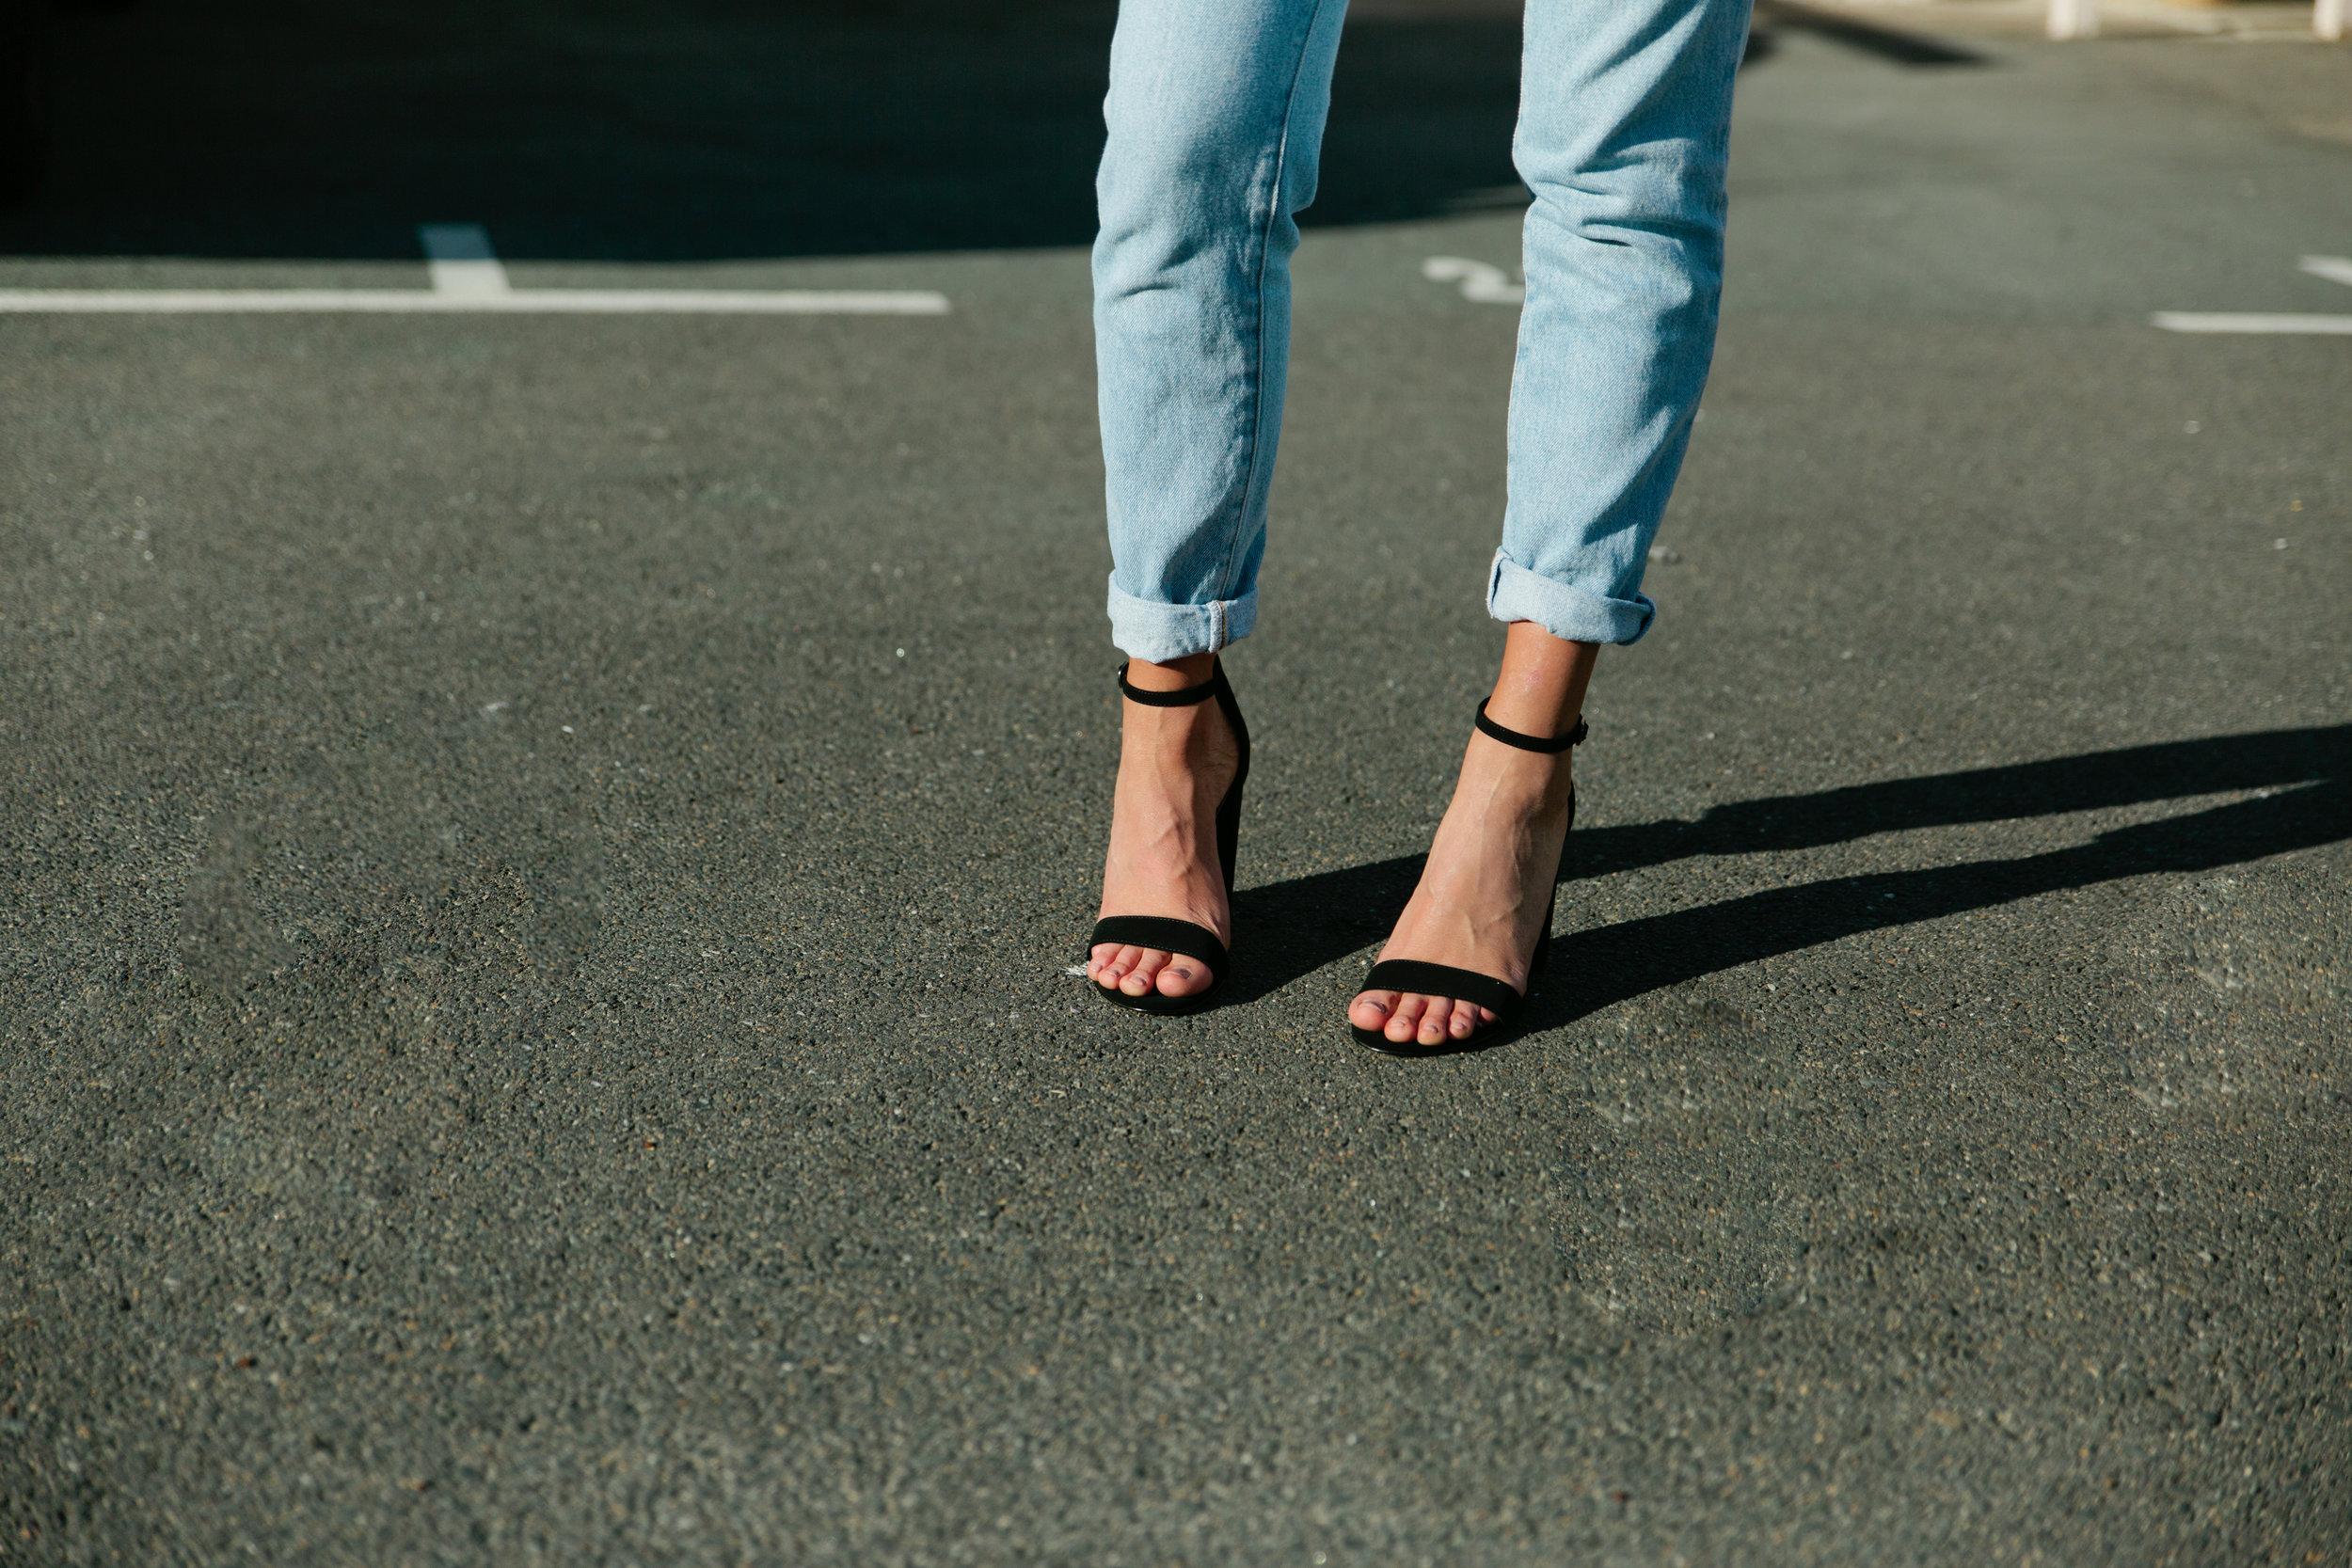 FAMOUS FOOTWEAR-3074 FINAL.jpg